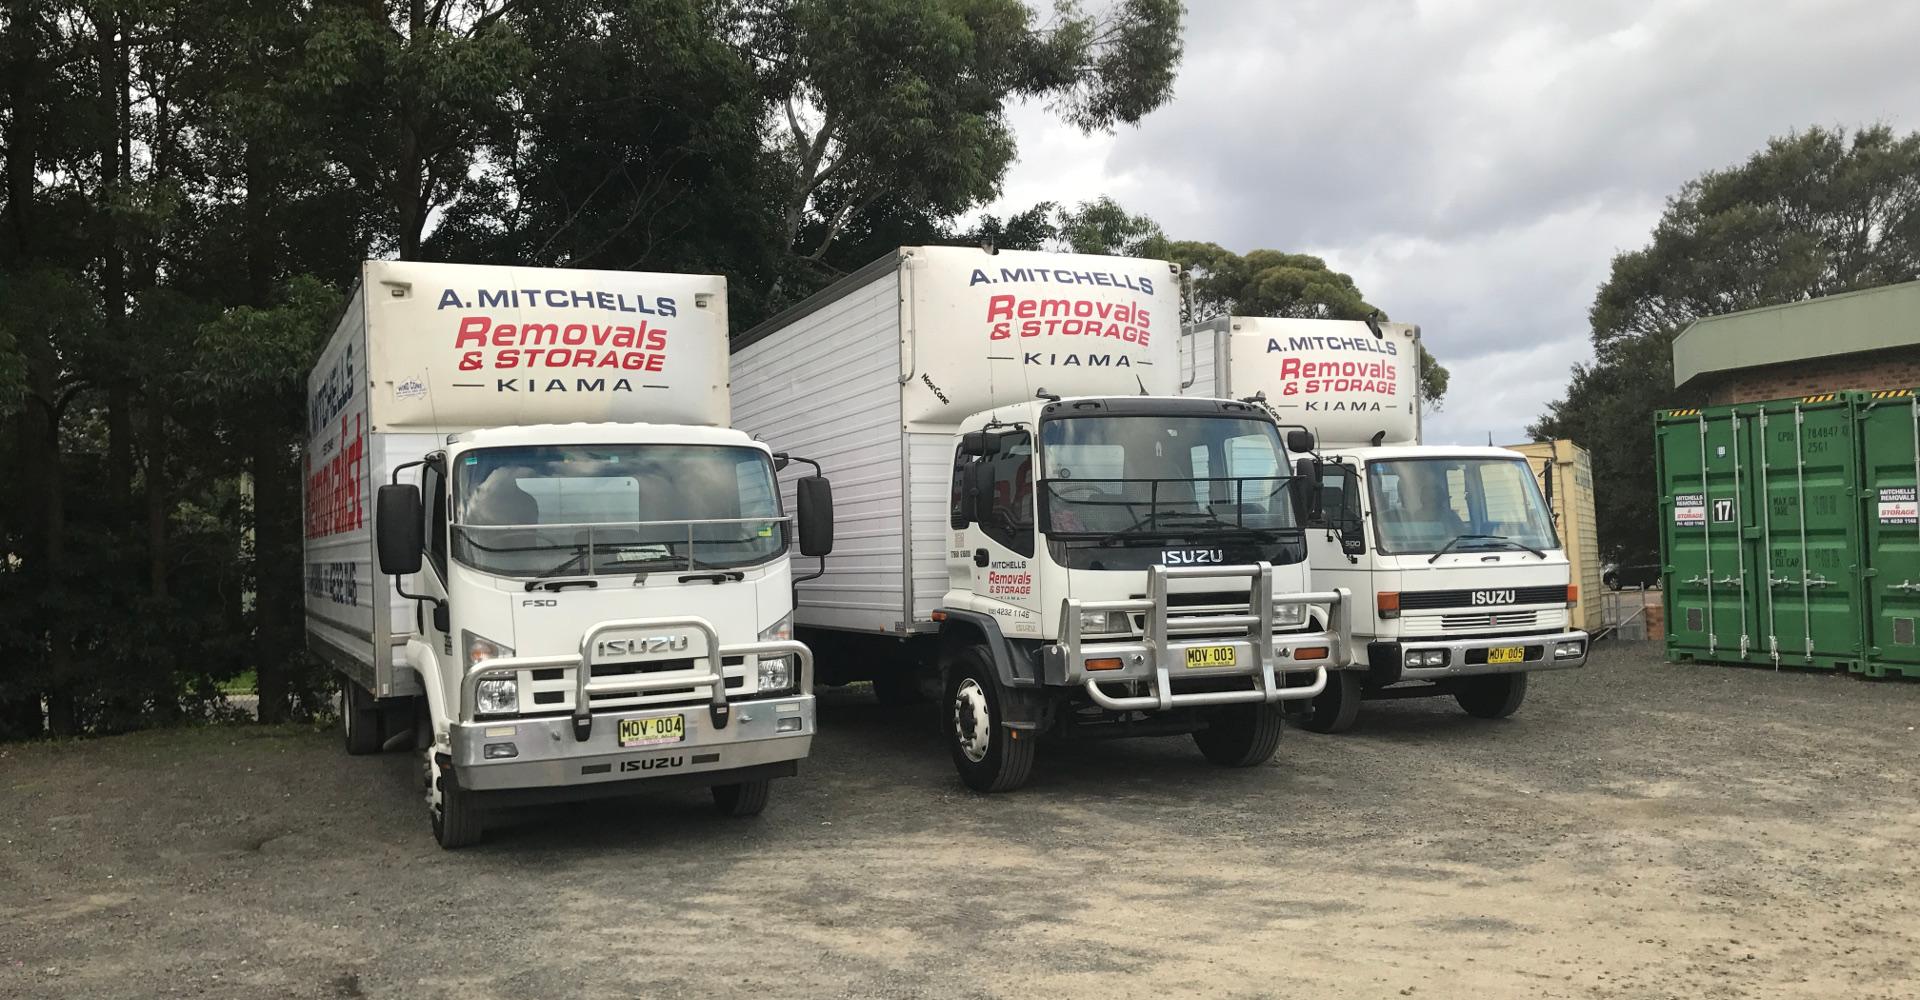 Mitchell's Removals & Storage.